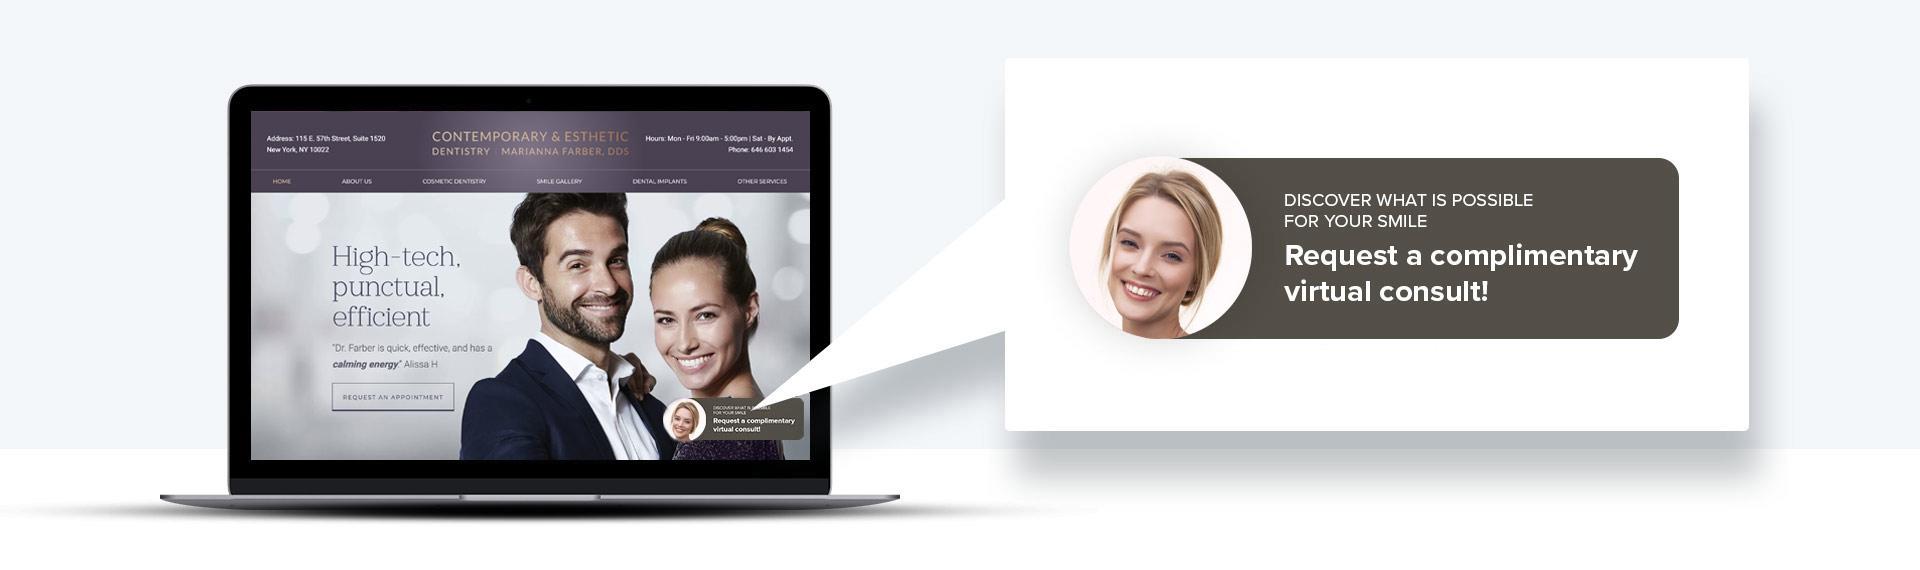 Image of Virtual Consult Widget